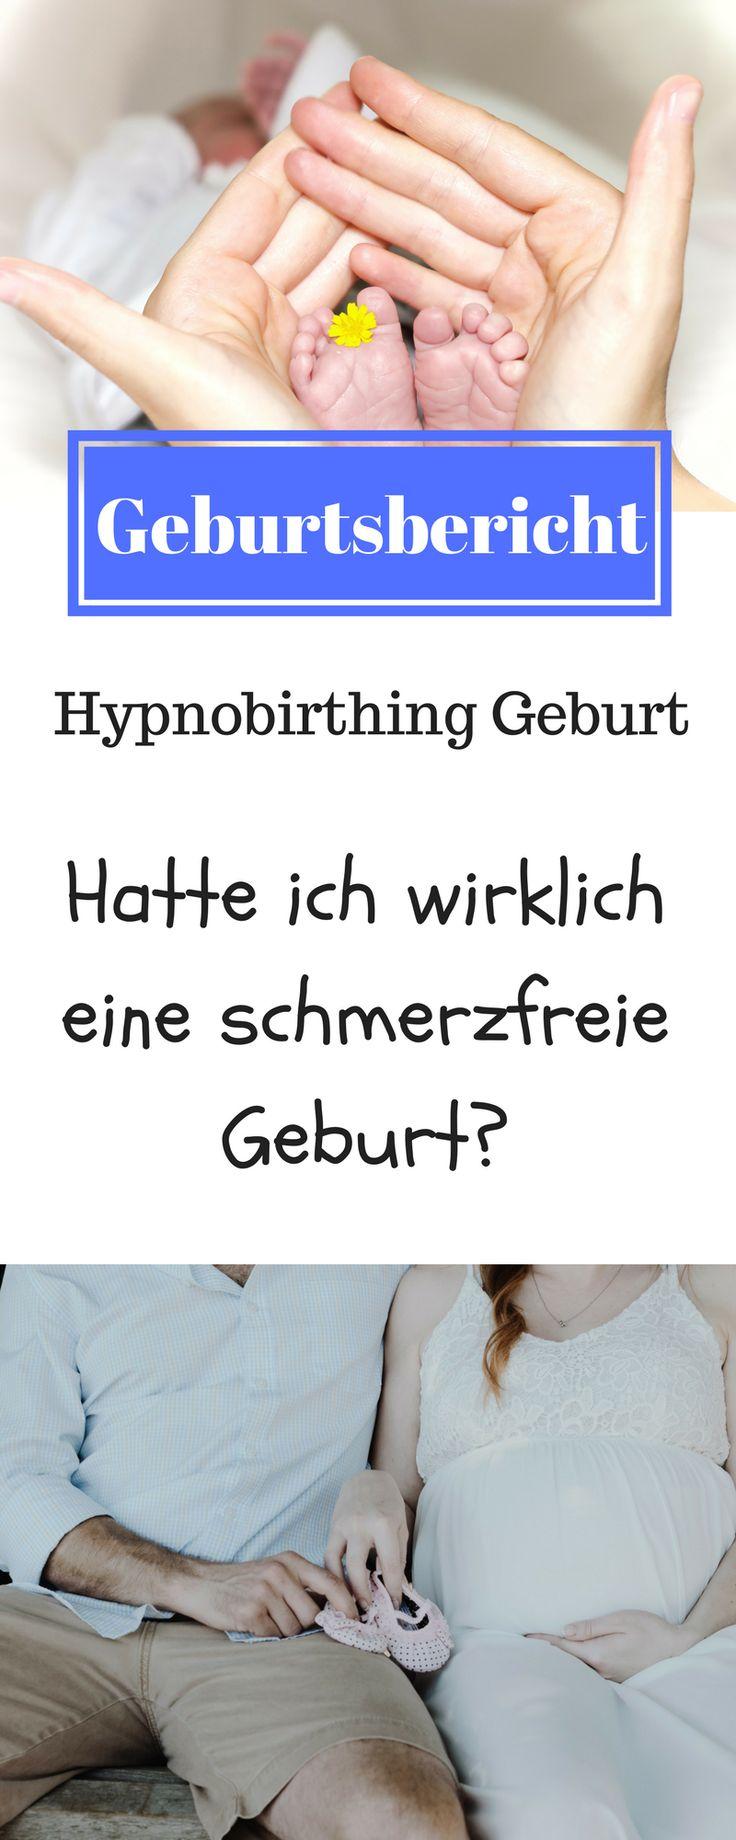 Schön Sprüche Zur Geburt Hermann Hesse